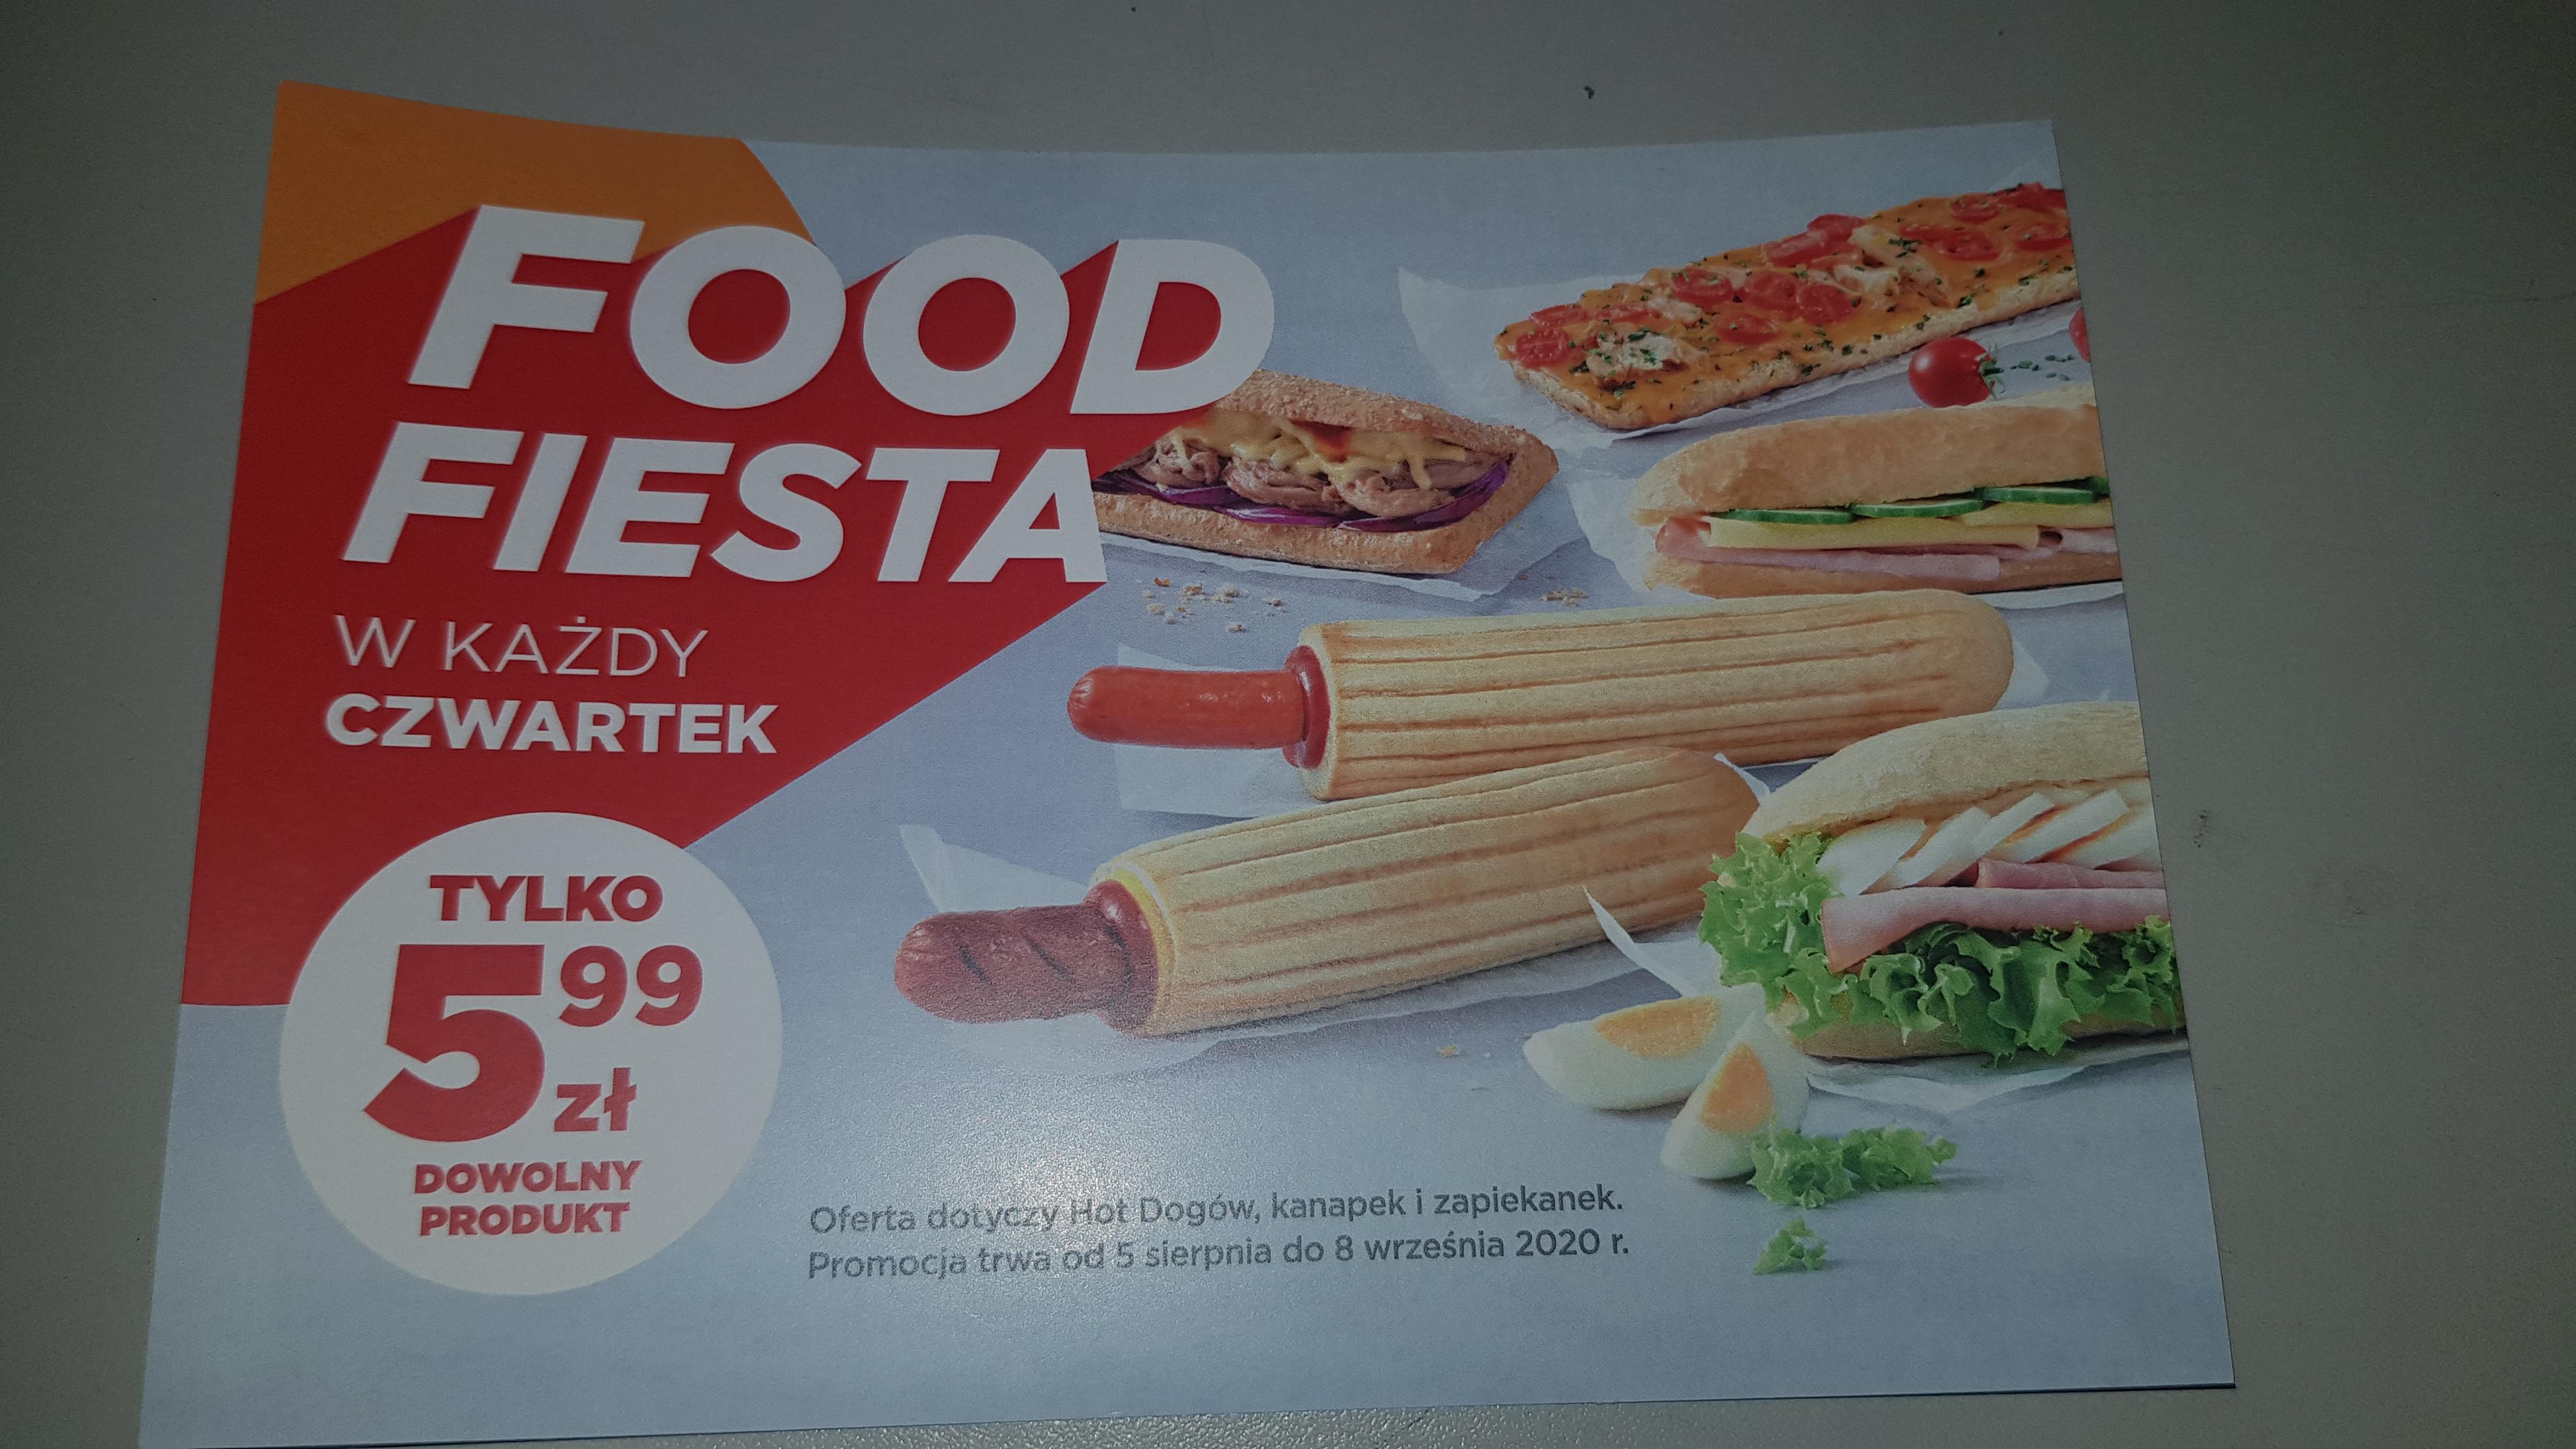 Circle K - cała oferta food w cenie 5.99 zl w czwartki.